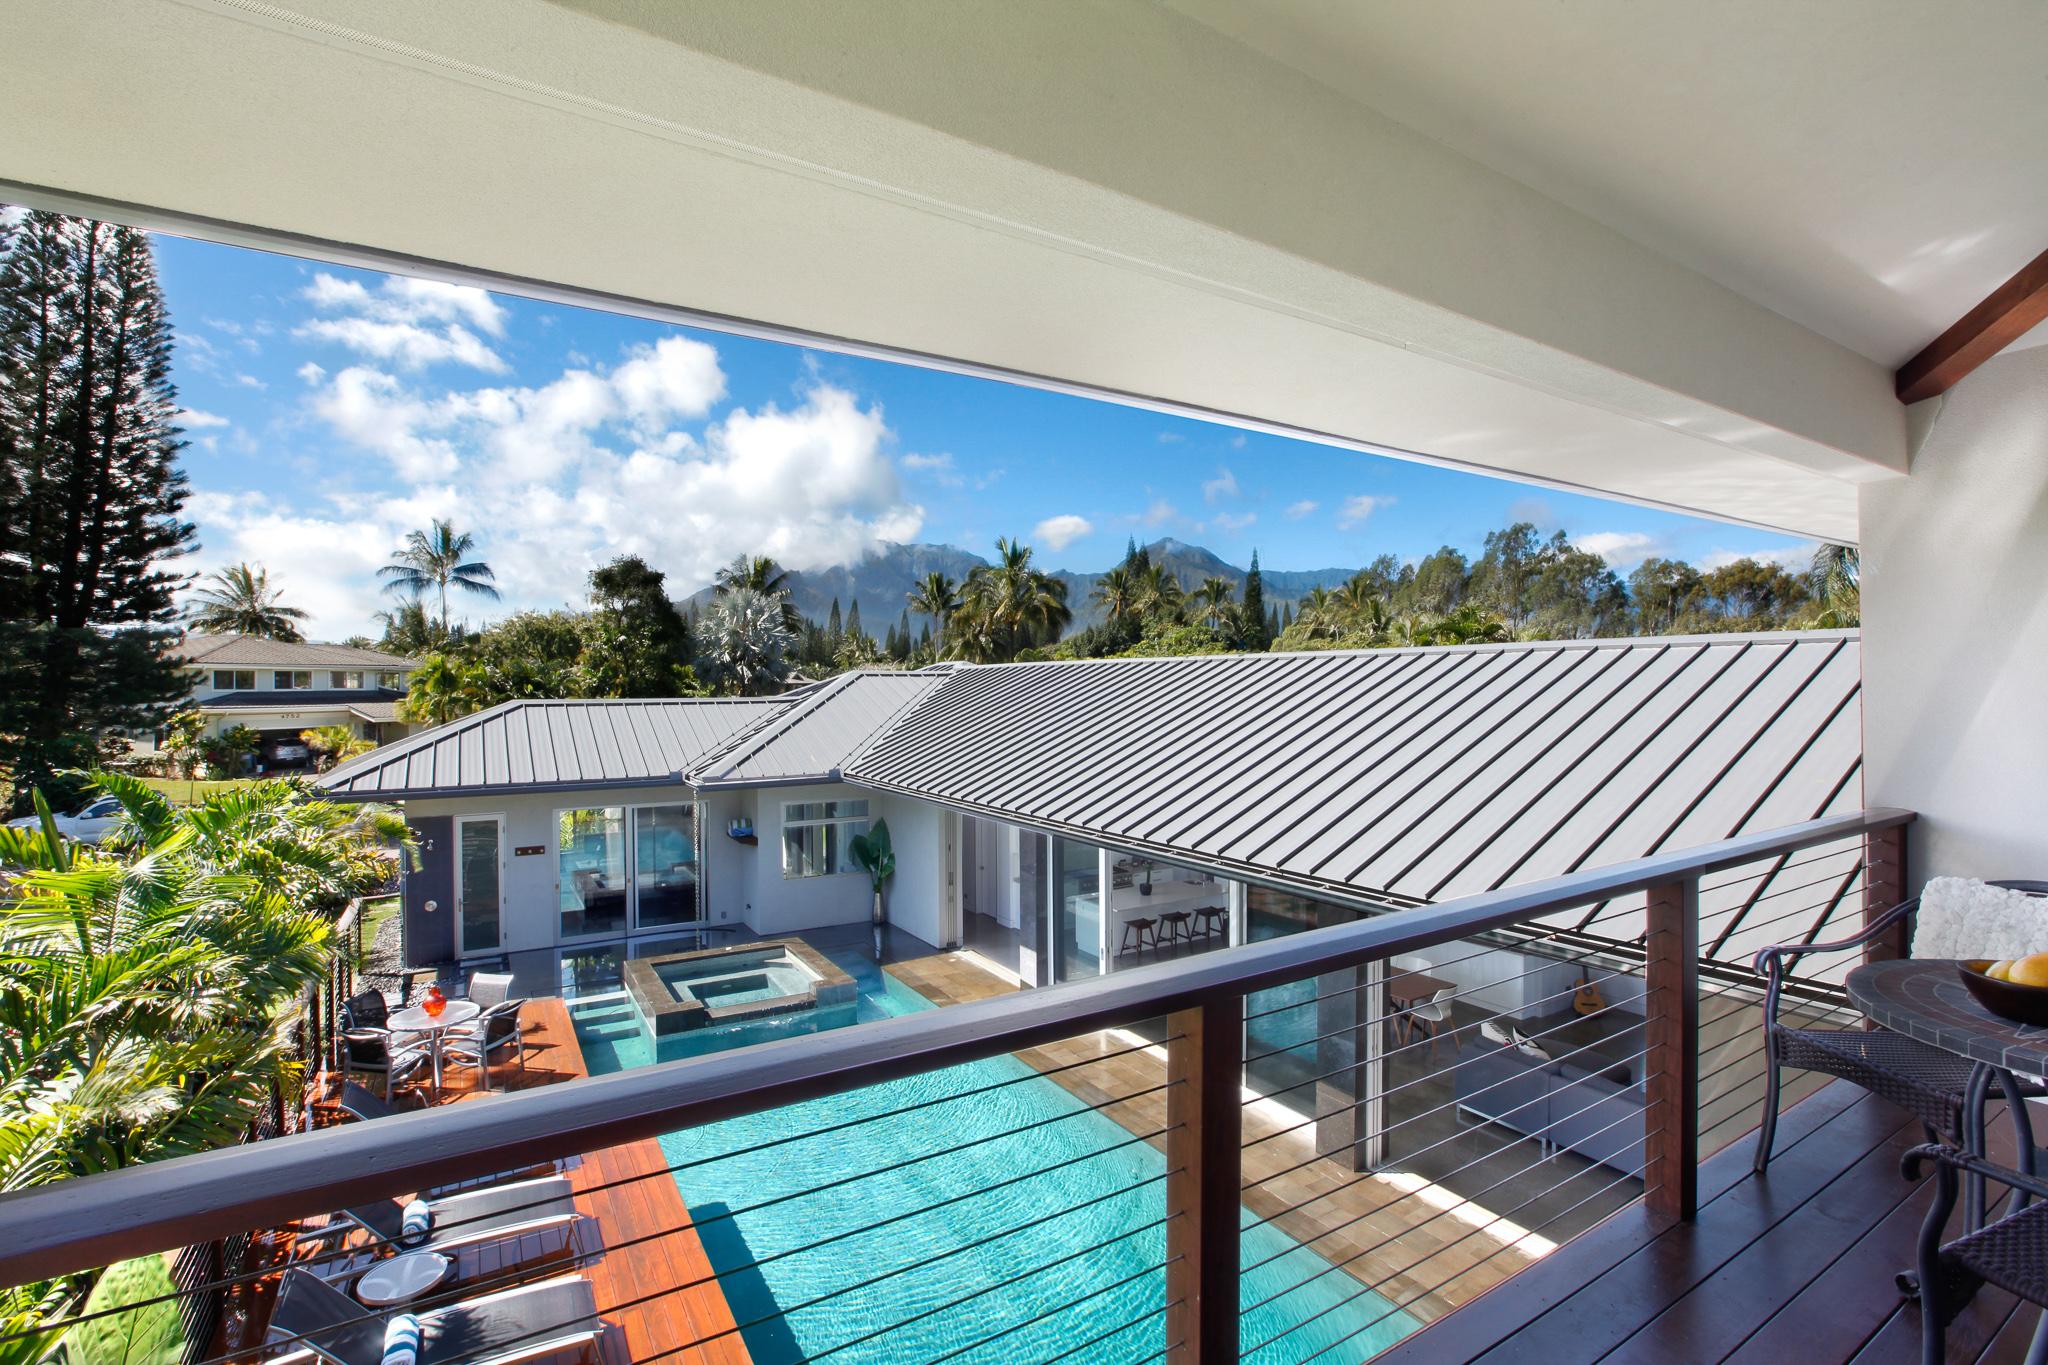 All Photos by Aloha Photo Design